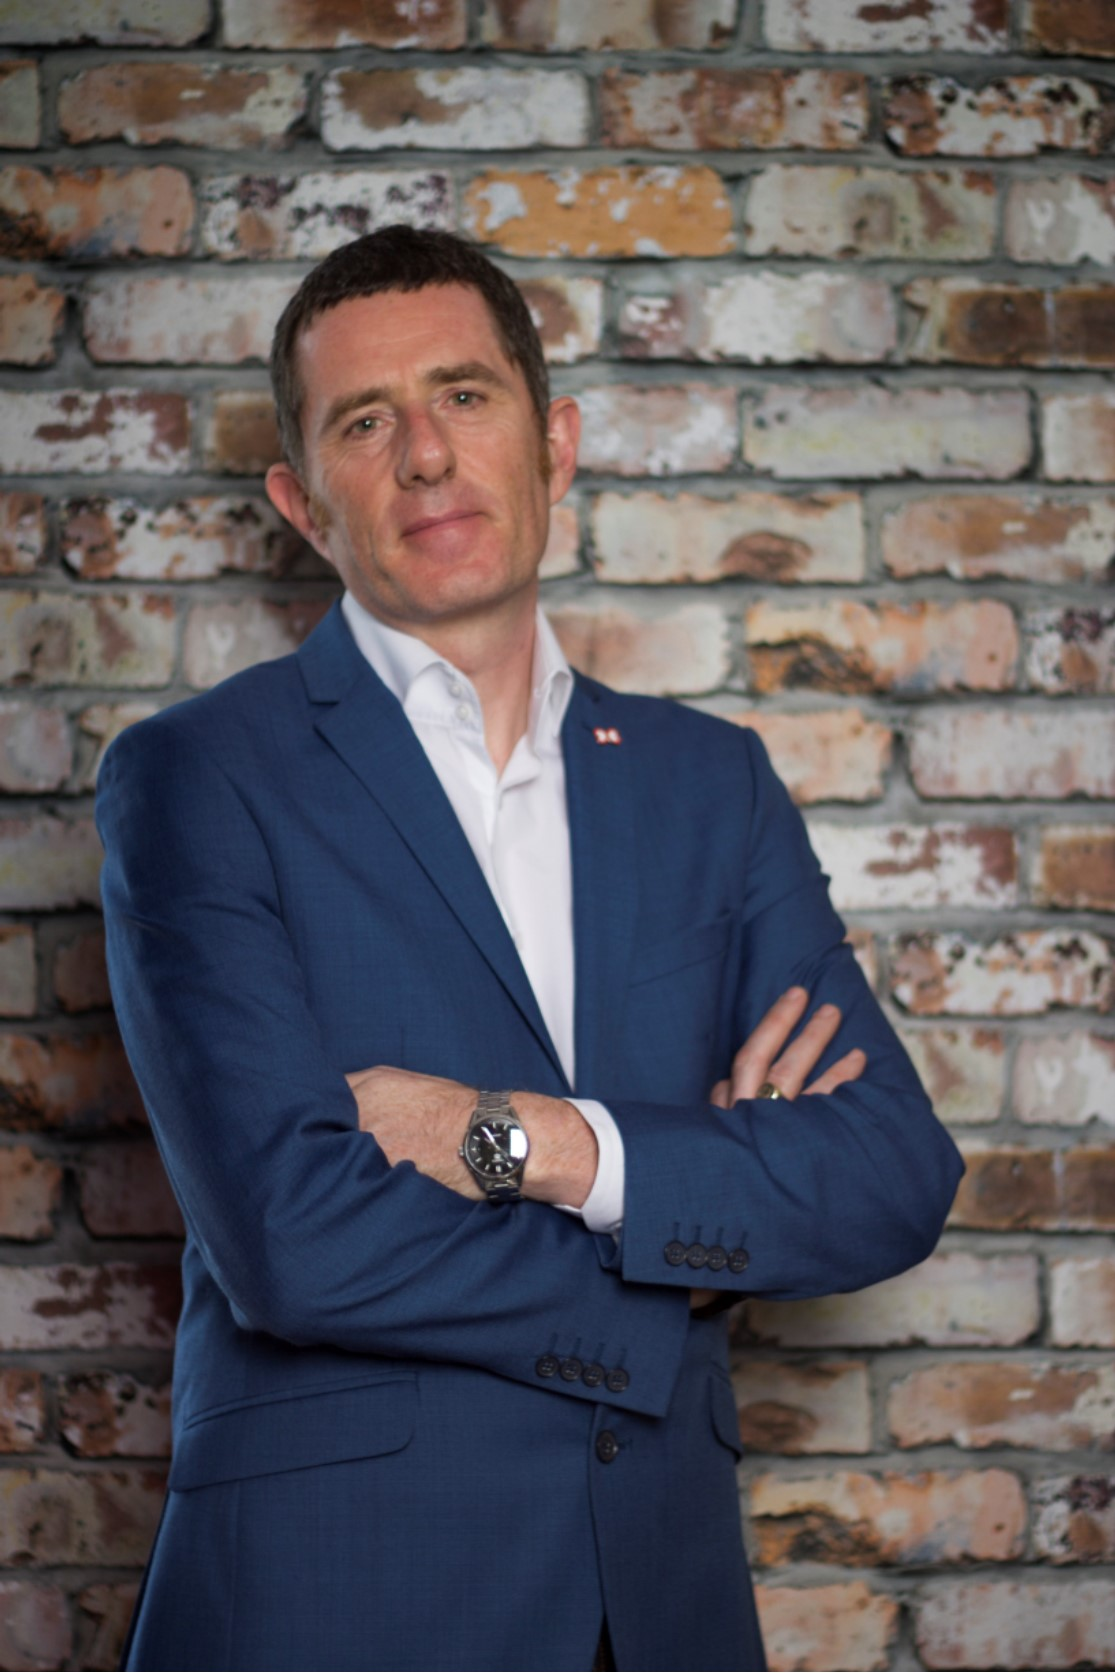 Phil Jones MBE, keynote speaker at Great British Expos